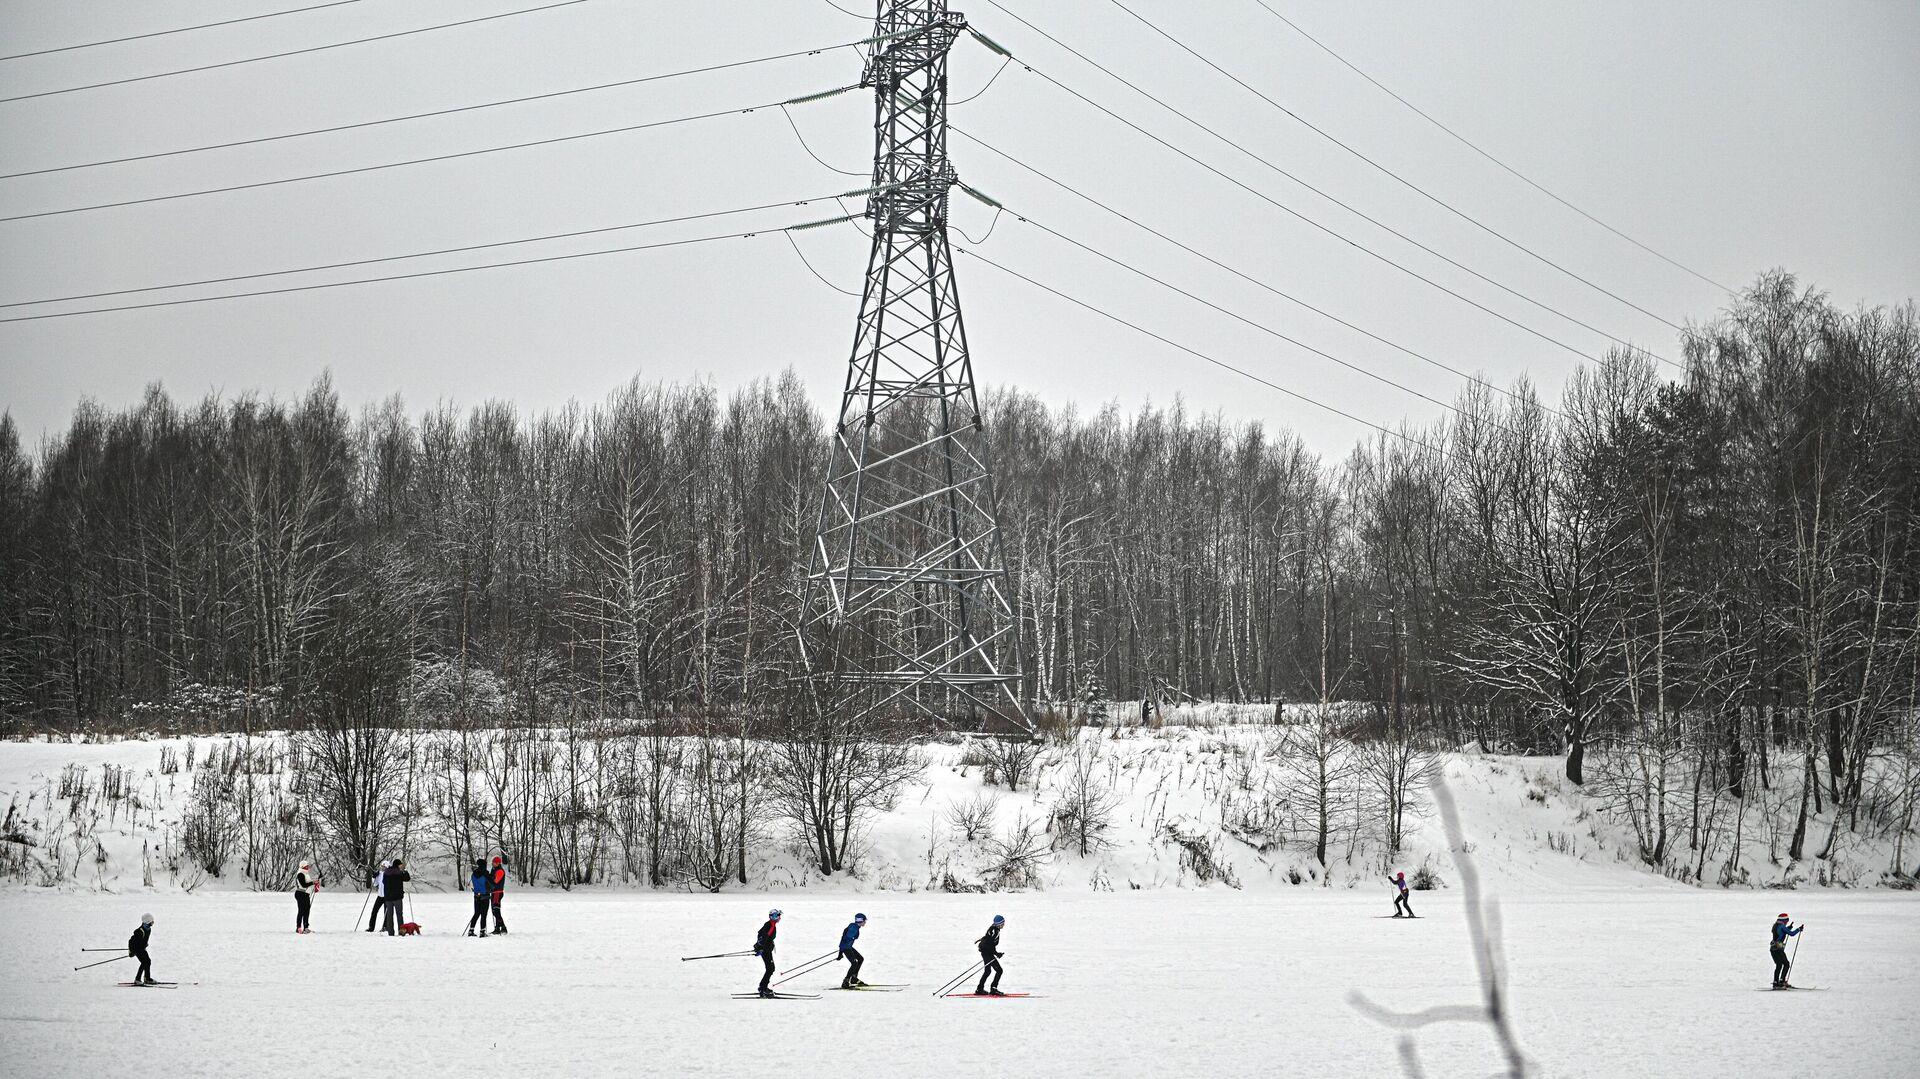 Люди катаются на лыжах в зоне отдыха Битца - РИА Новости, 1920, 10.01.2021